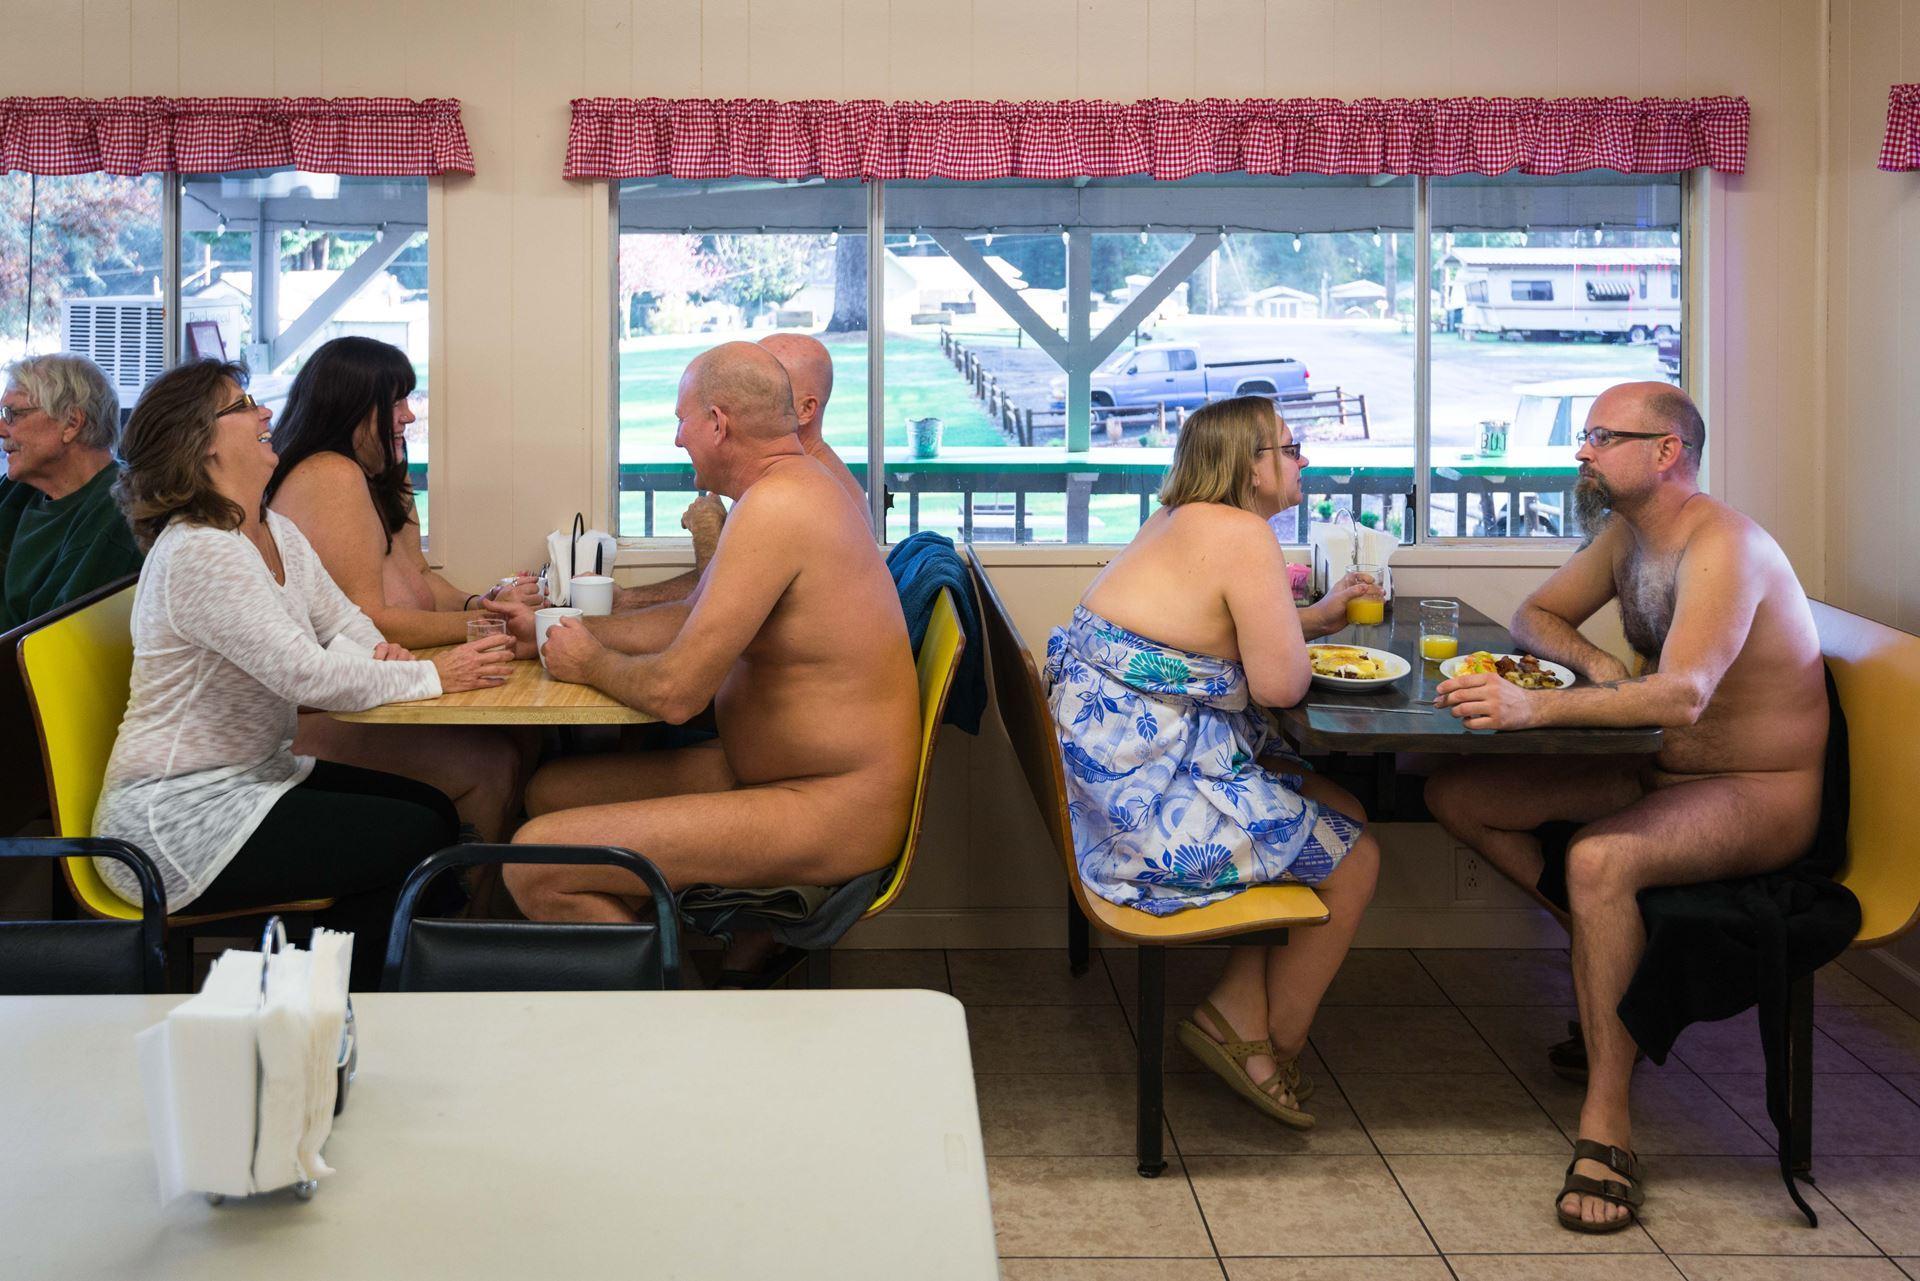 Willamettans - Nudist Resorts around the world